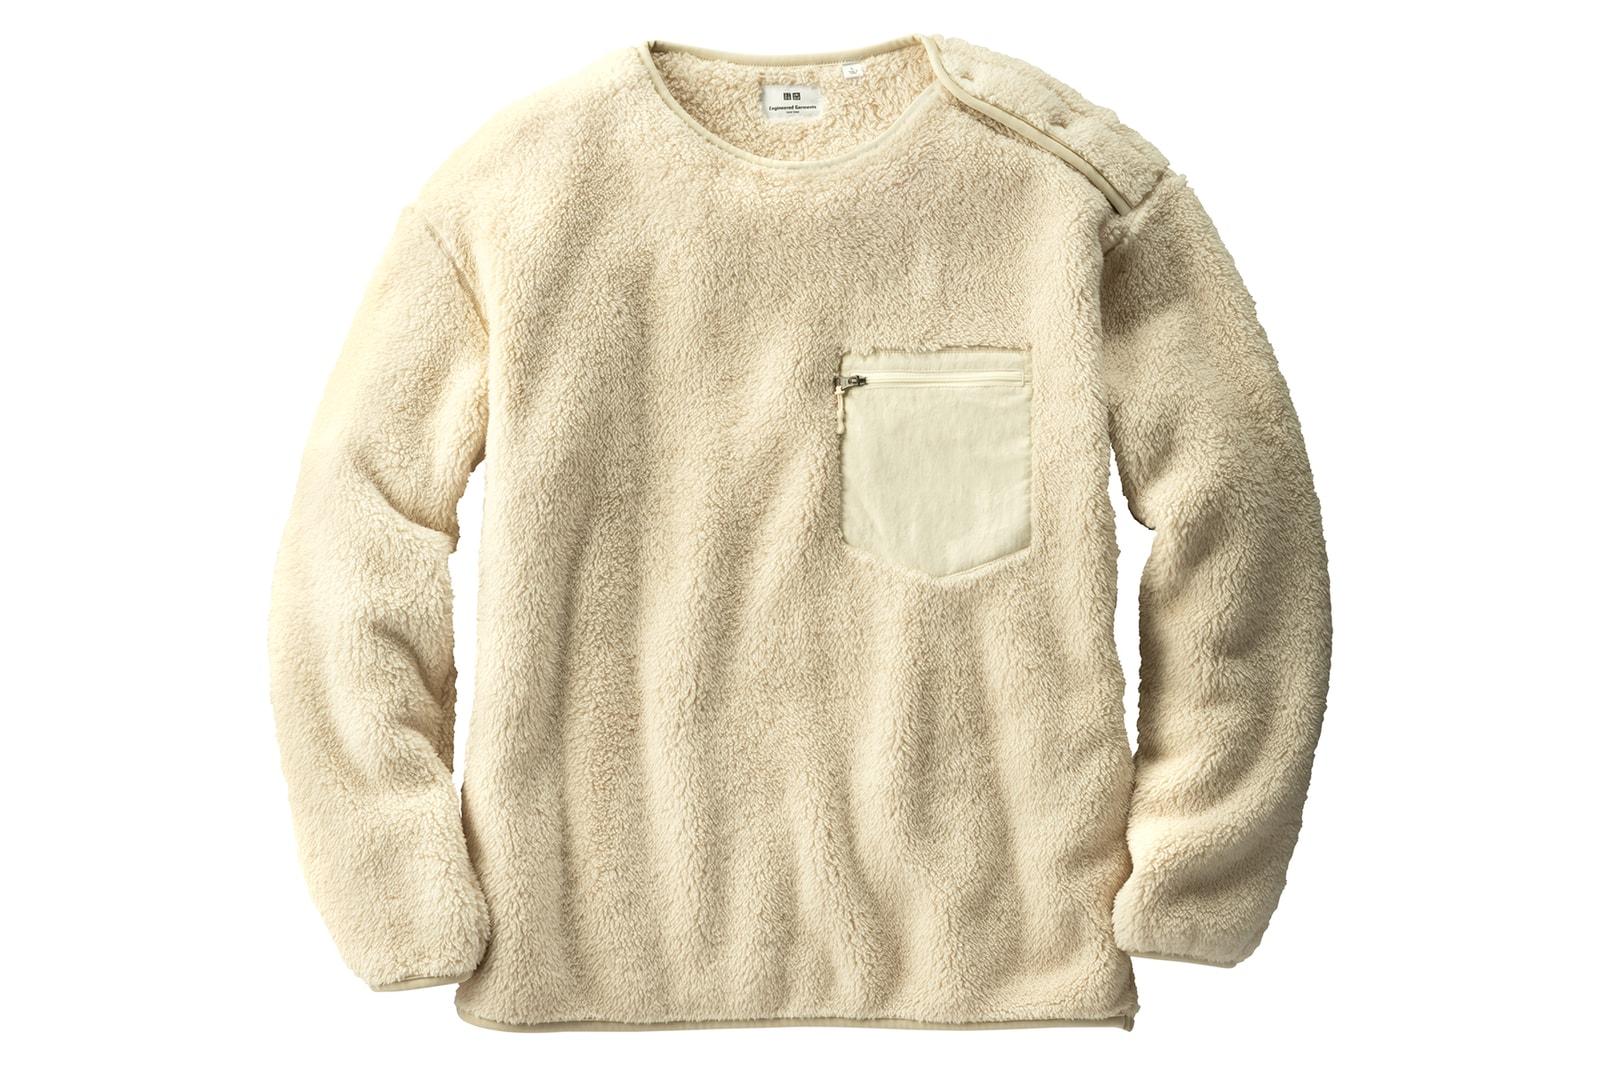 UNIQLO and Engineered Garments ユニクロ アンド エンジニア ガーメンツ フリース コレクション 発売 決定